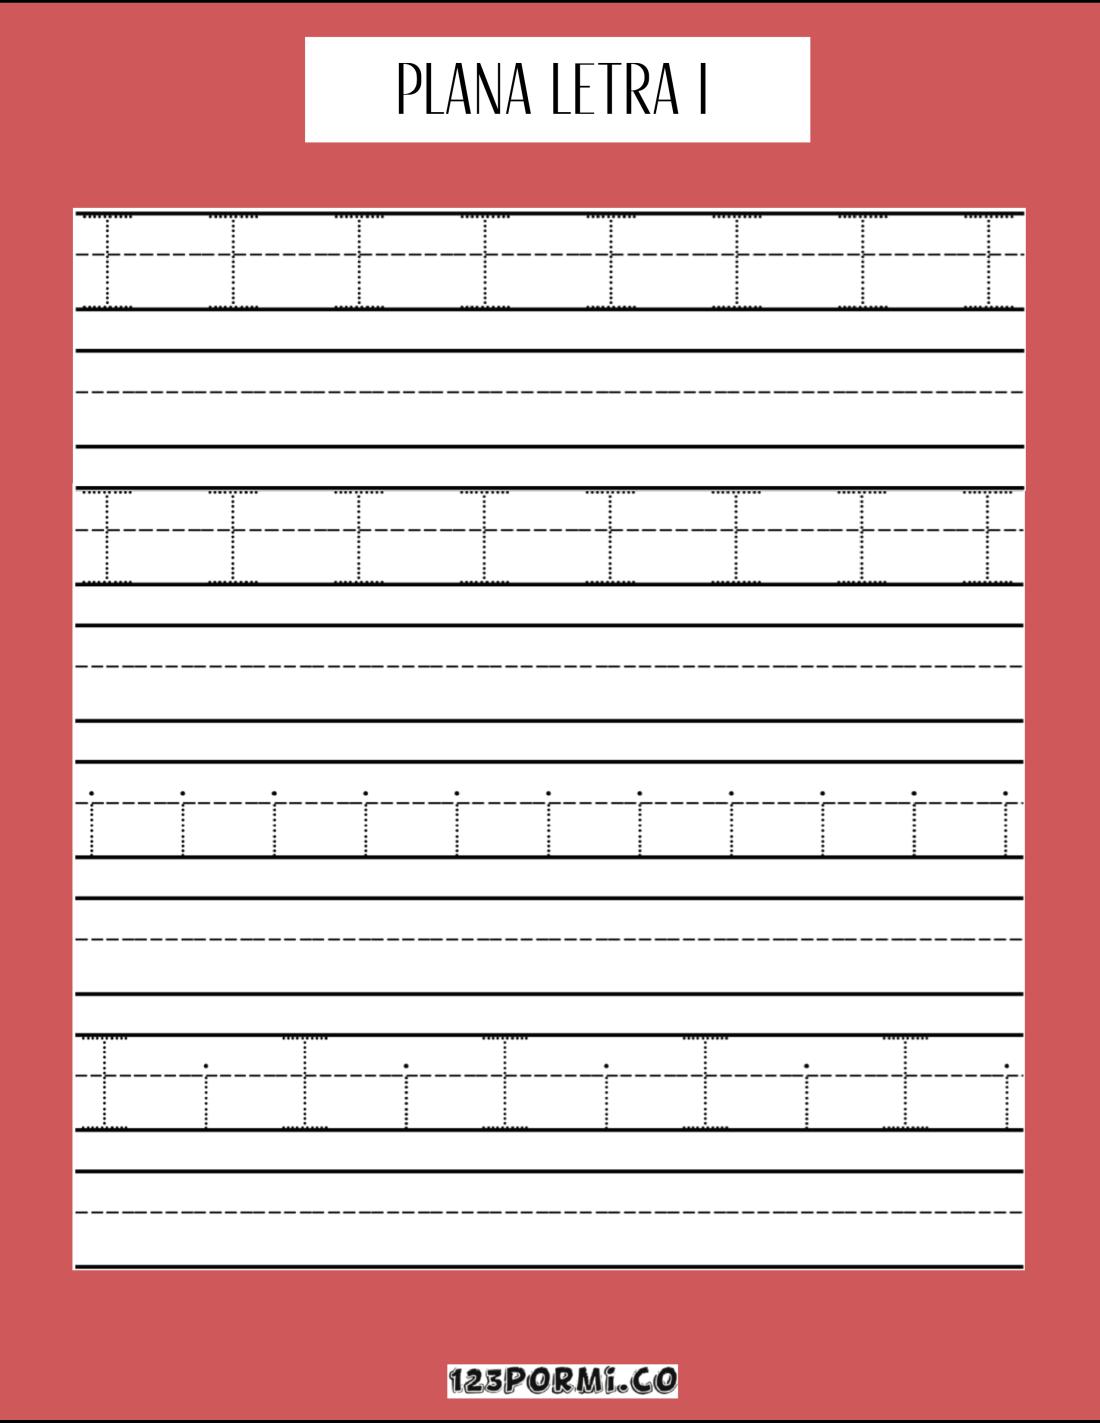 Plana letra I_Mesa de trabajo 1